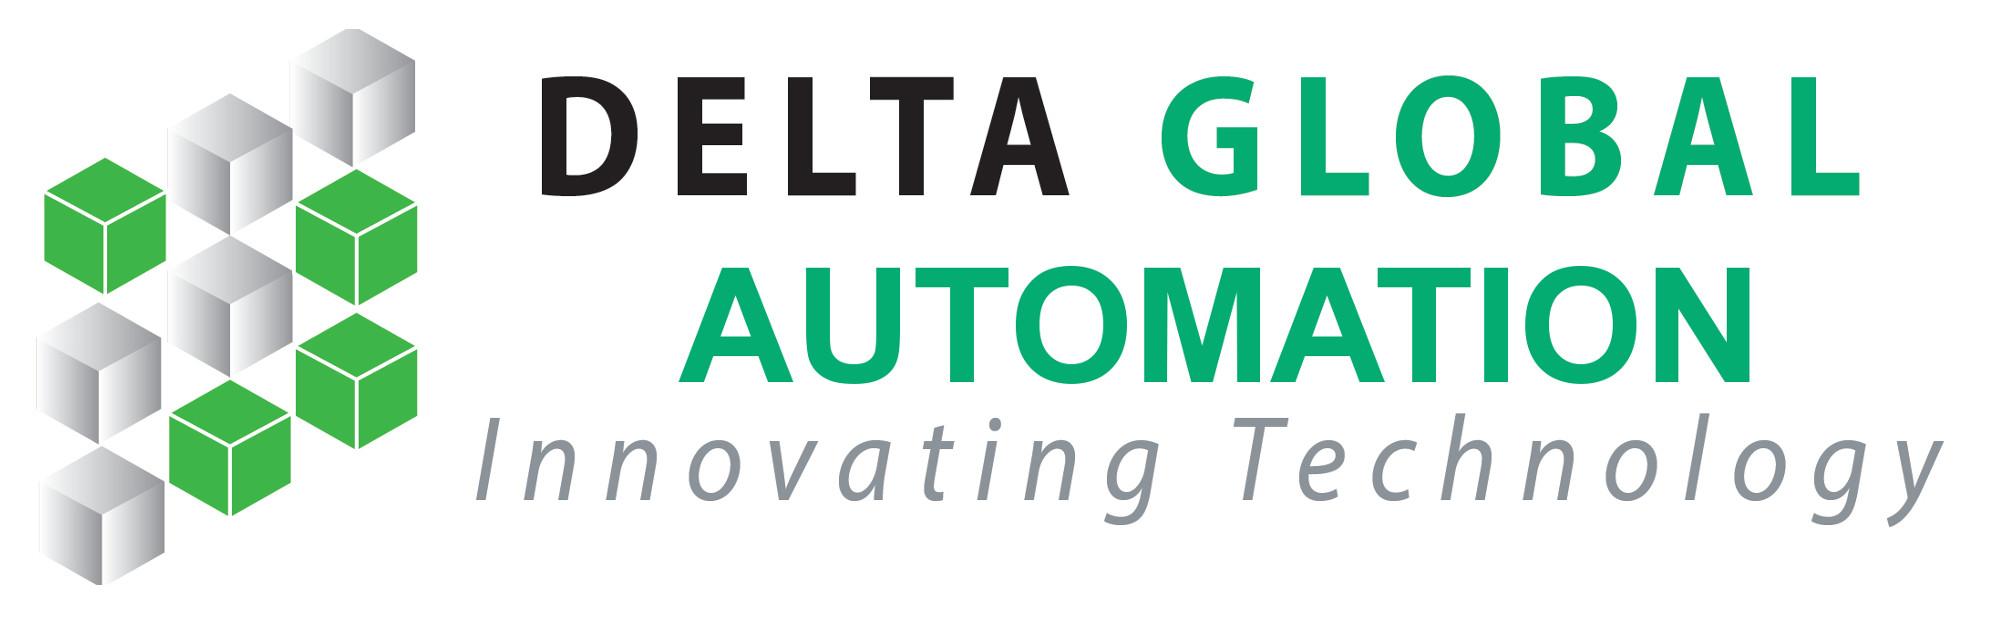 DeltaGlobal